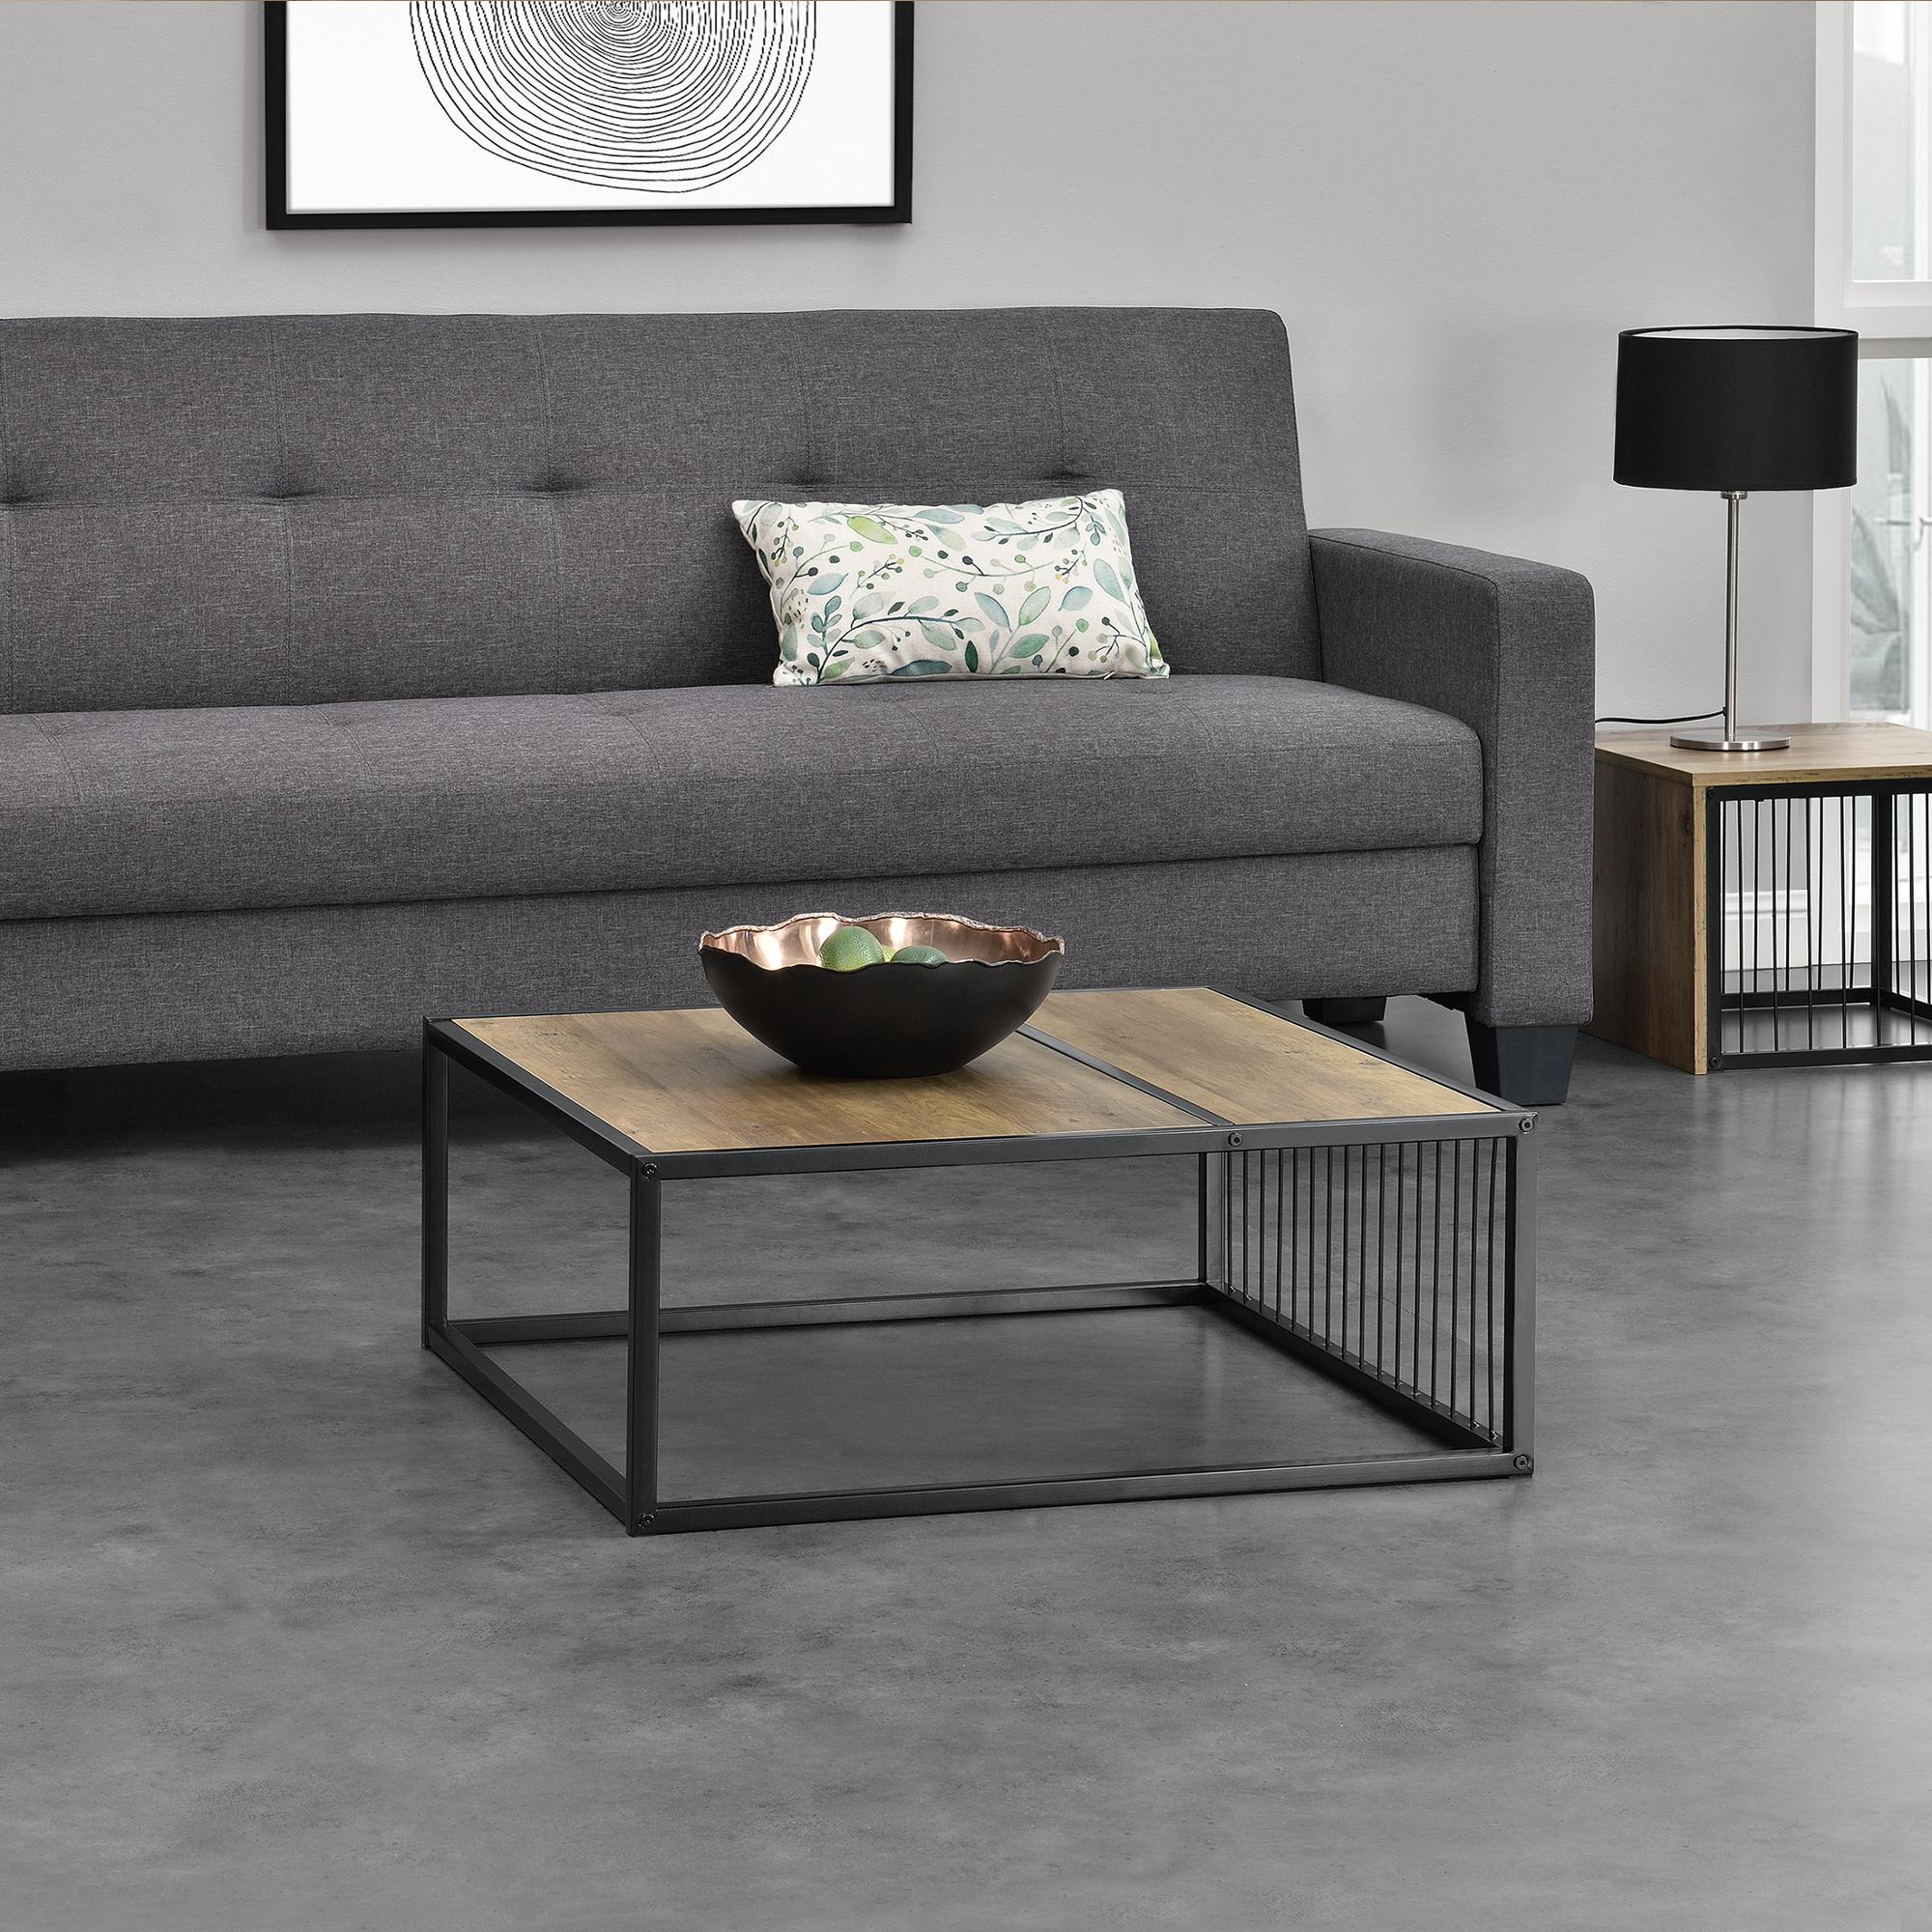 en.casa] Tavolino da Salotto Design 75x75x30cm MDF Effetto Legno ...